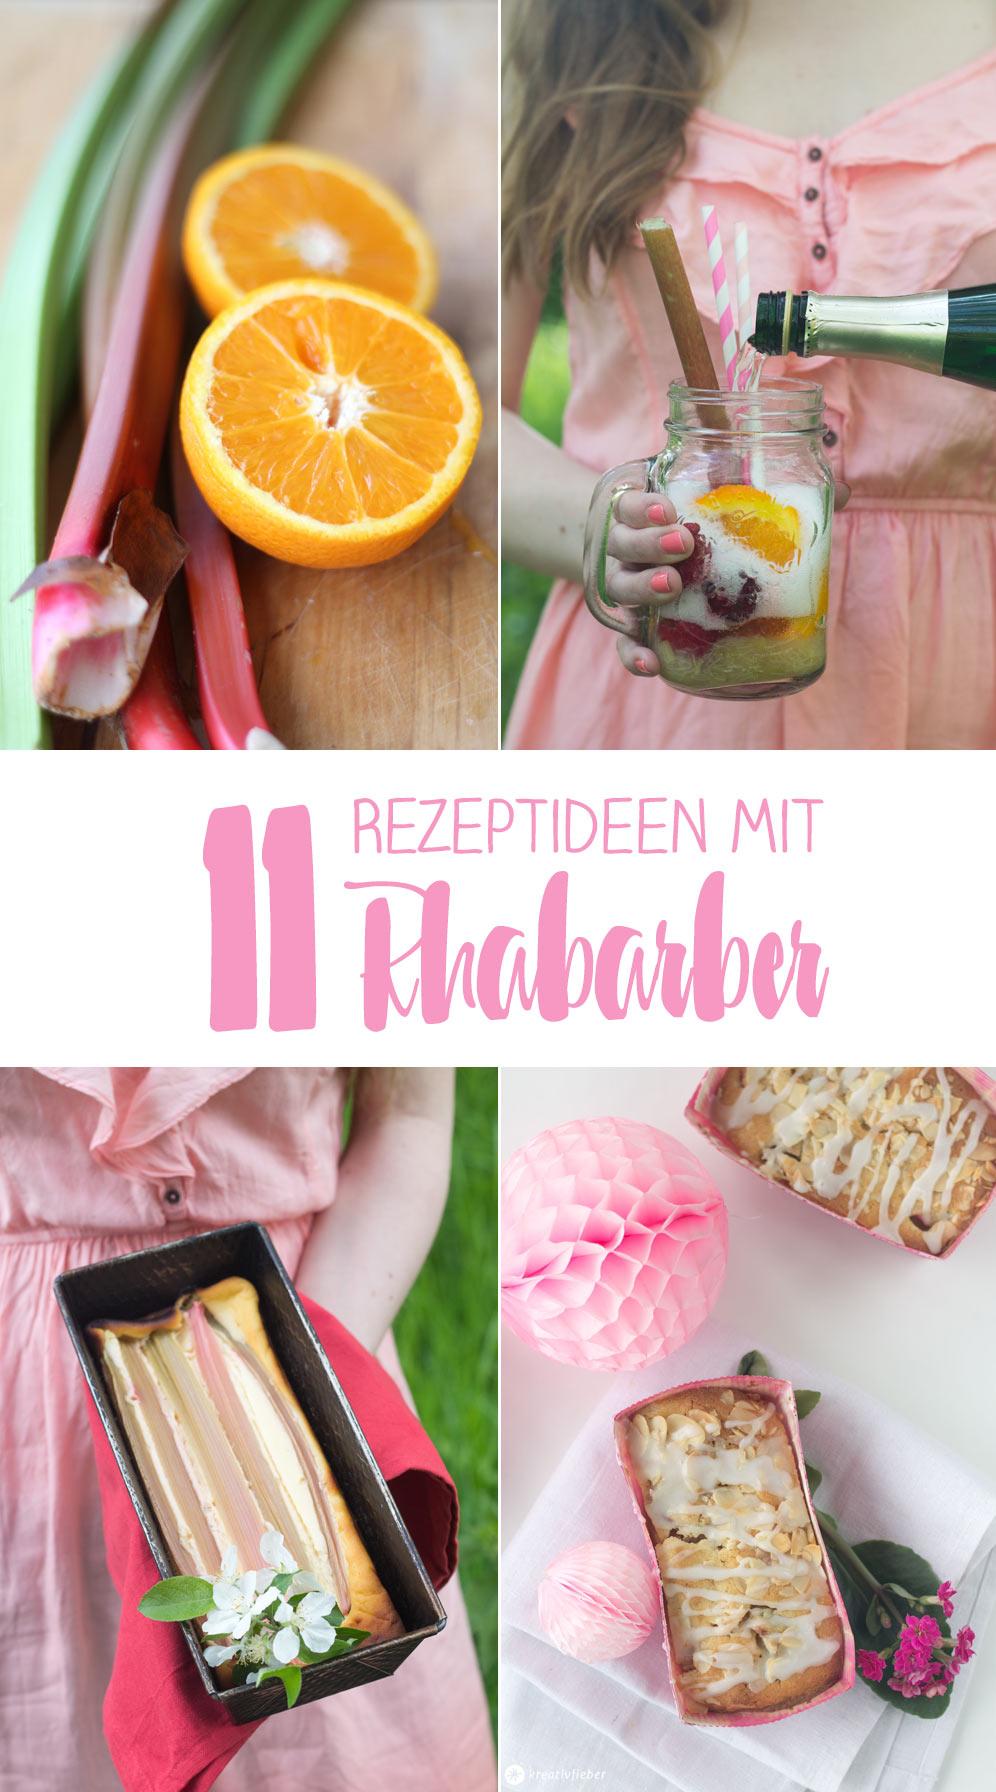 11 Rezeptideen mit Rharbarber - Bowle, Küchlein, Marmelade und Co. - kreativfieber.de